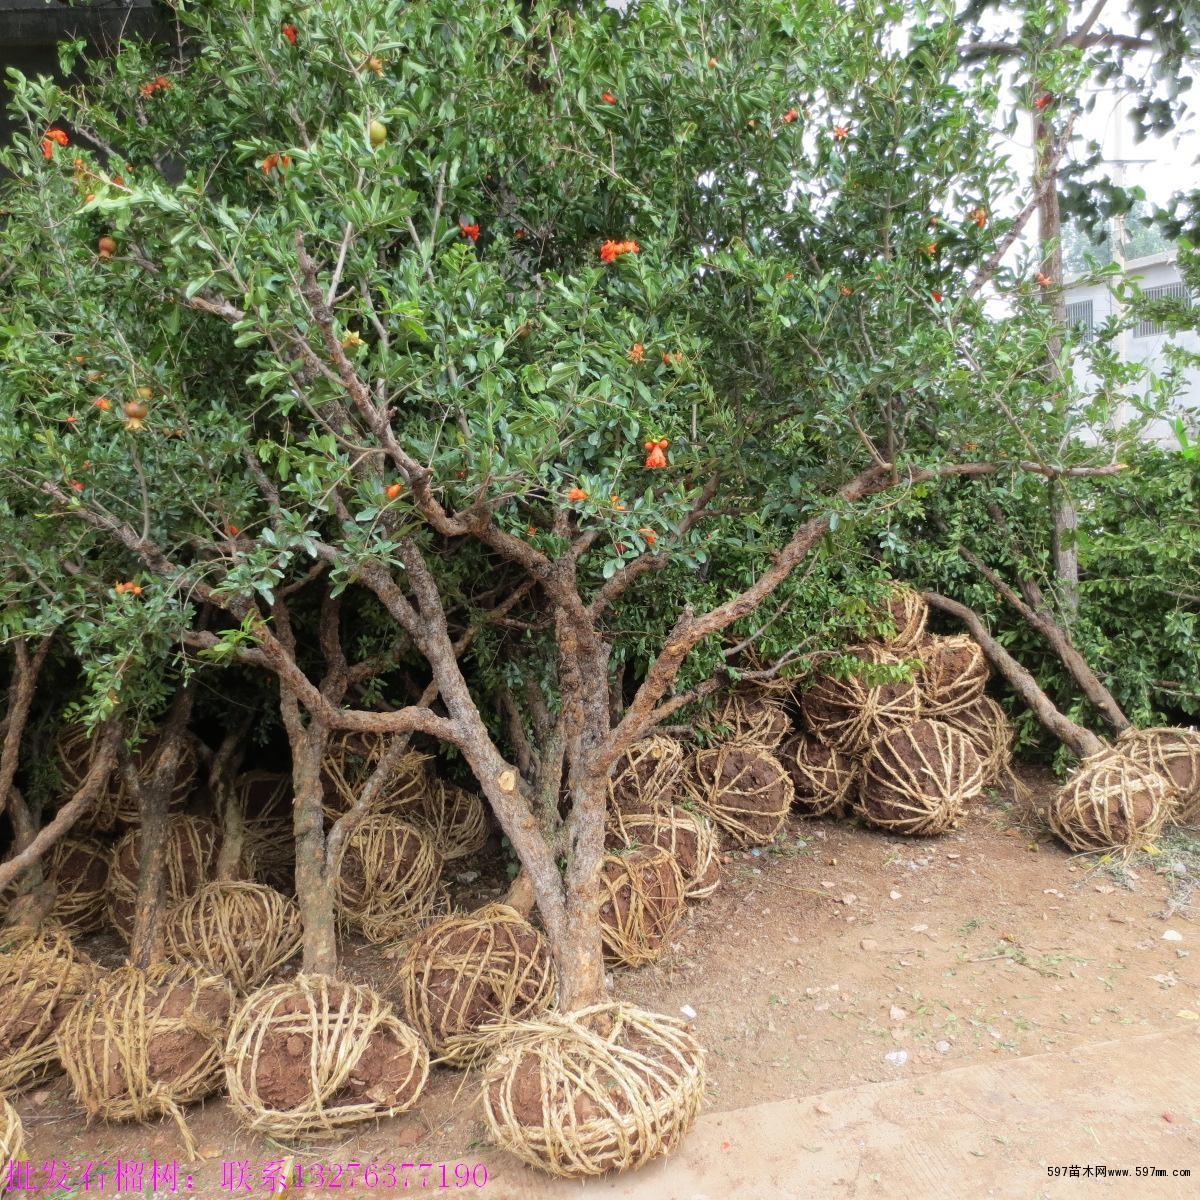 规格从一年生小苗到40厘米粗百年大树都有.